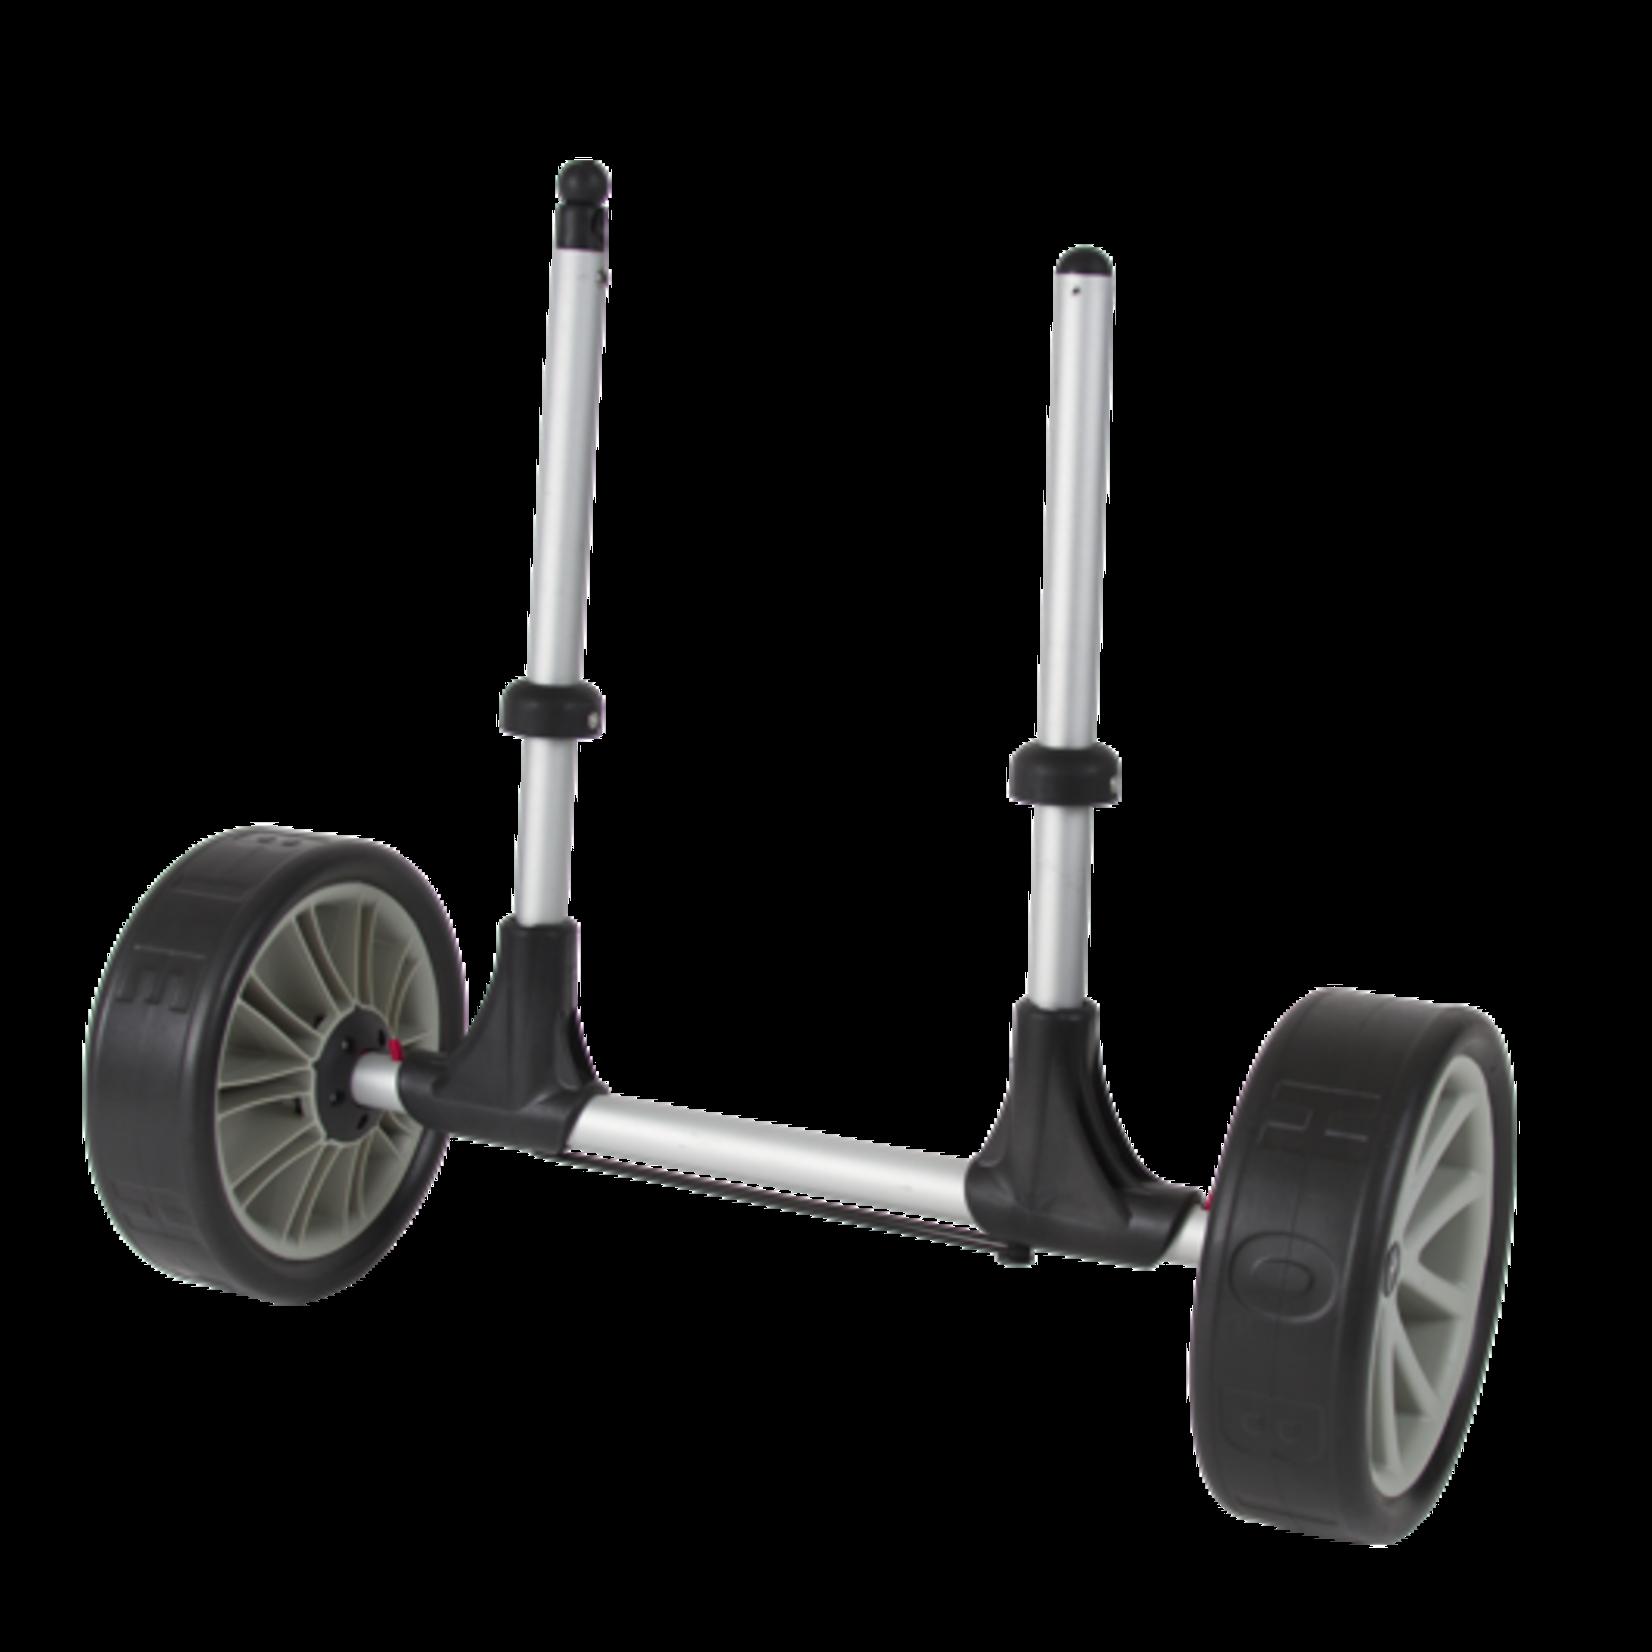 Hobie Hobie Cart - Fold and Stow